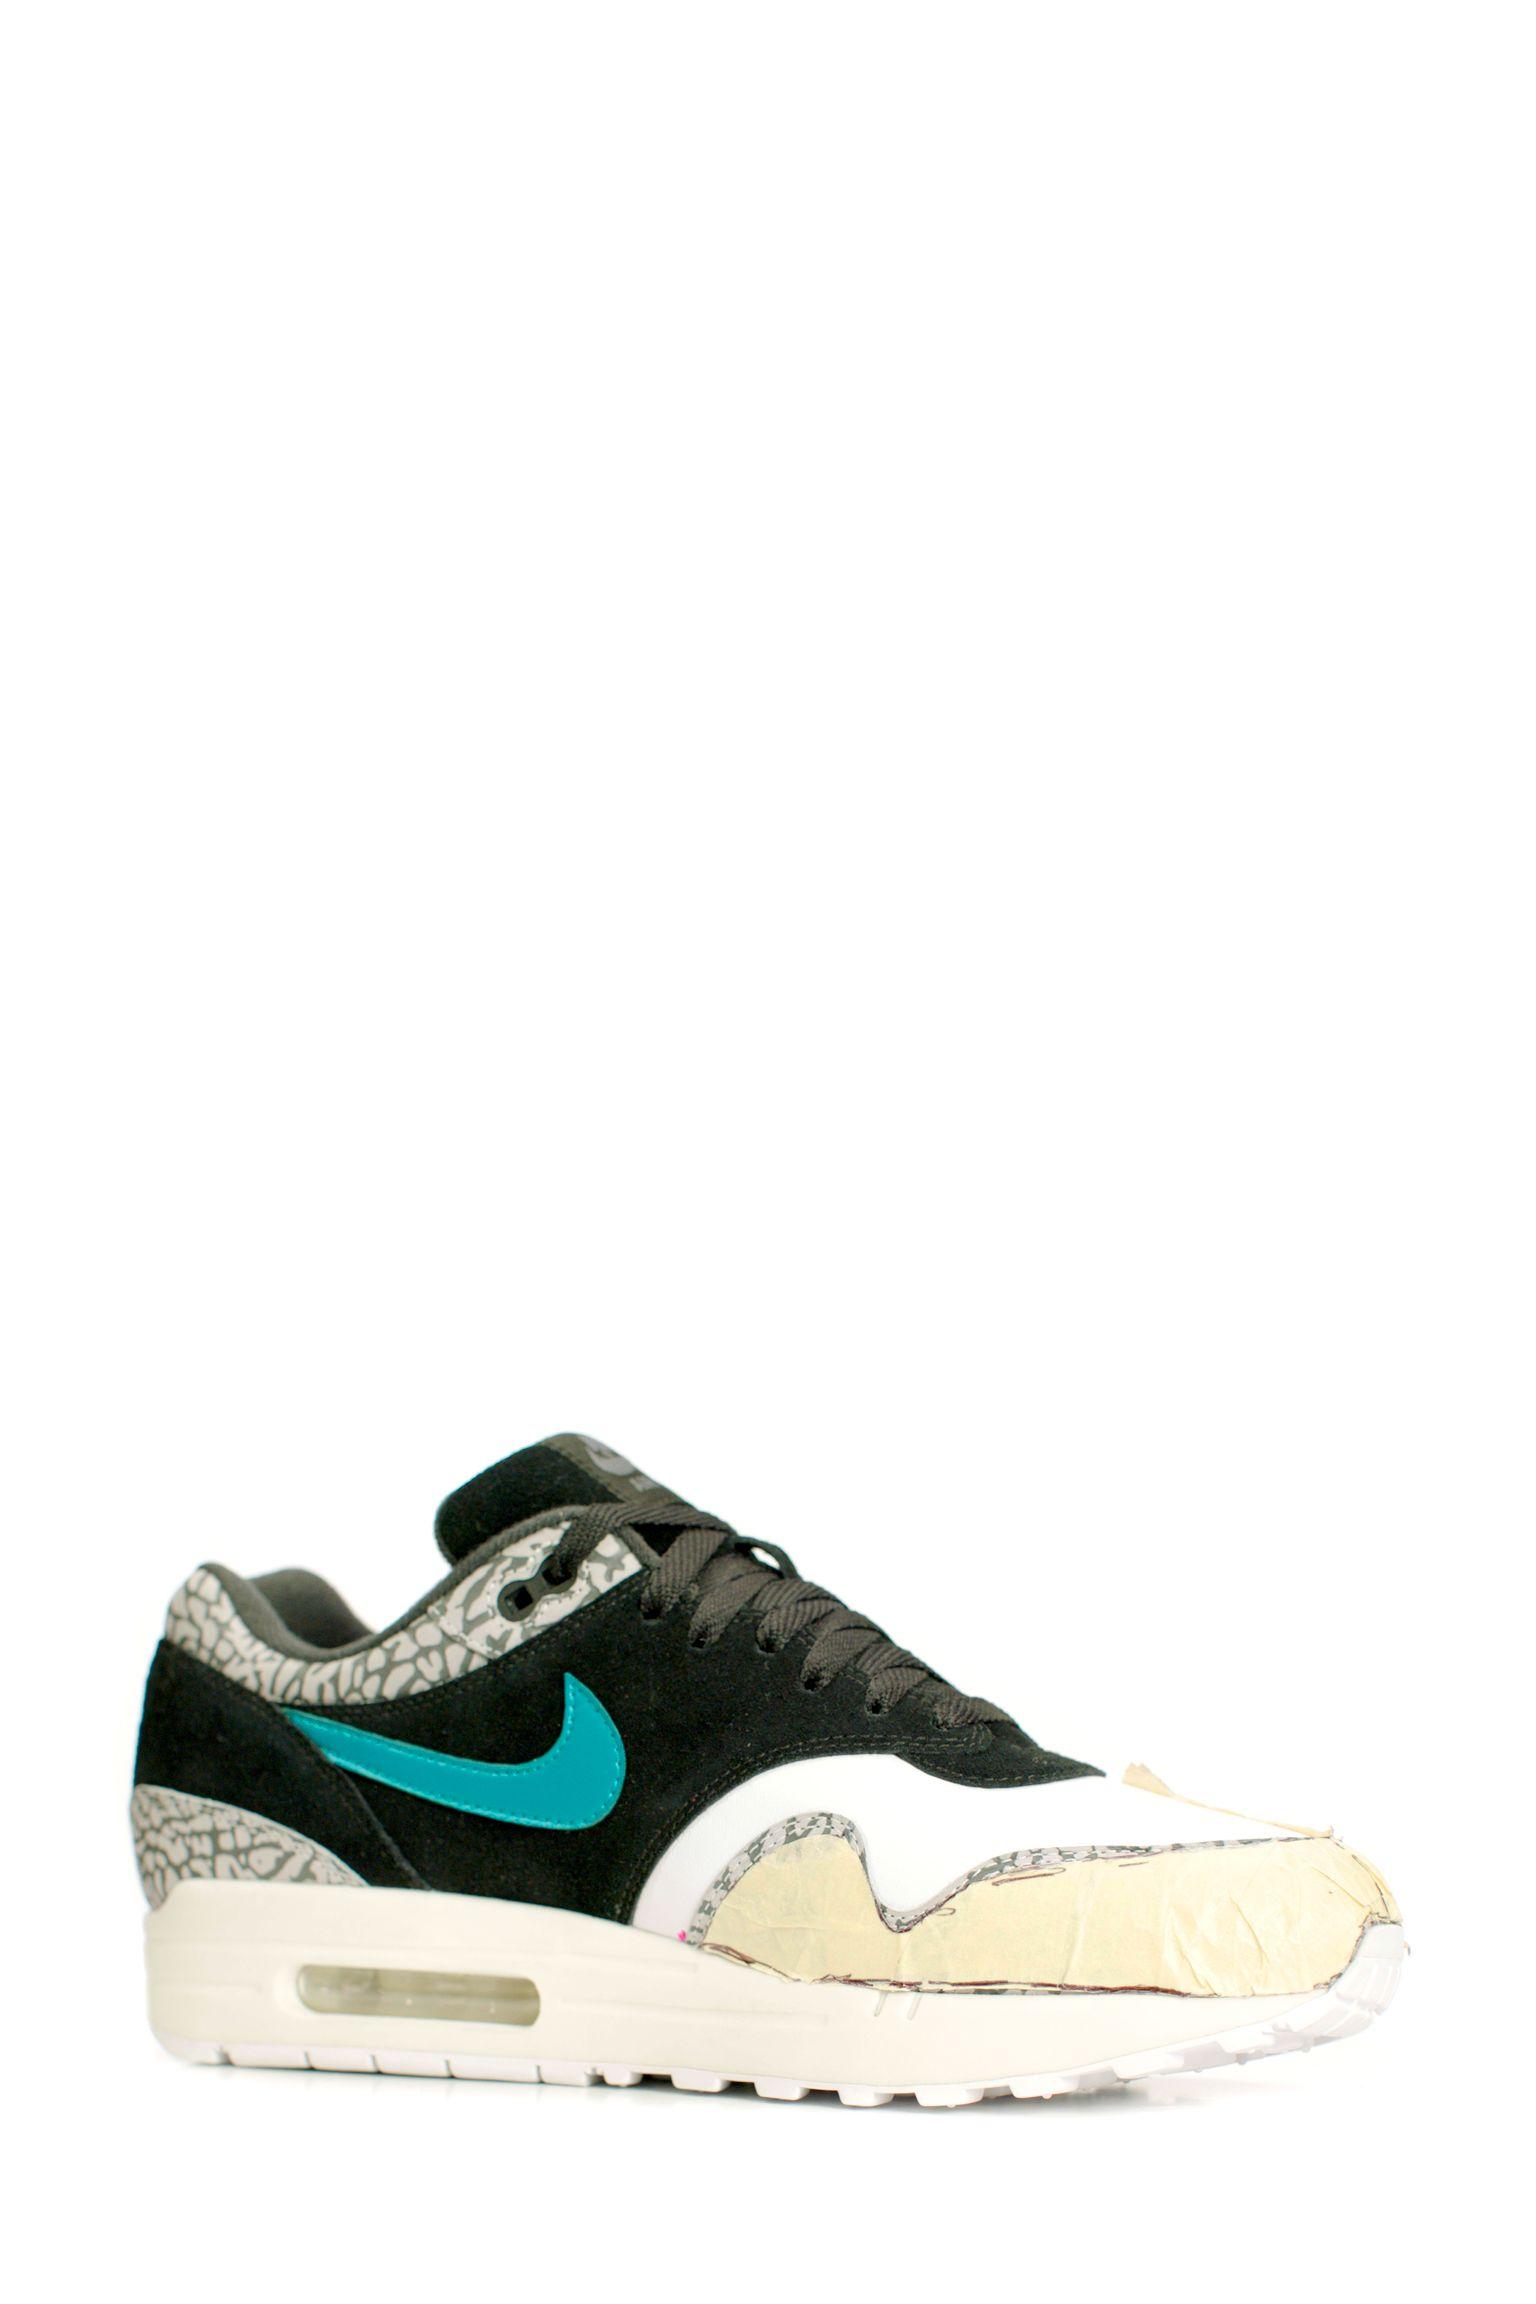 À l'origine du design : Nike Air Max 1 Retro « Atmos »